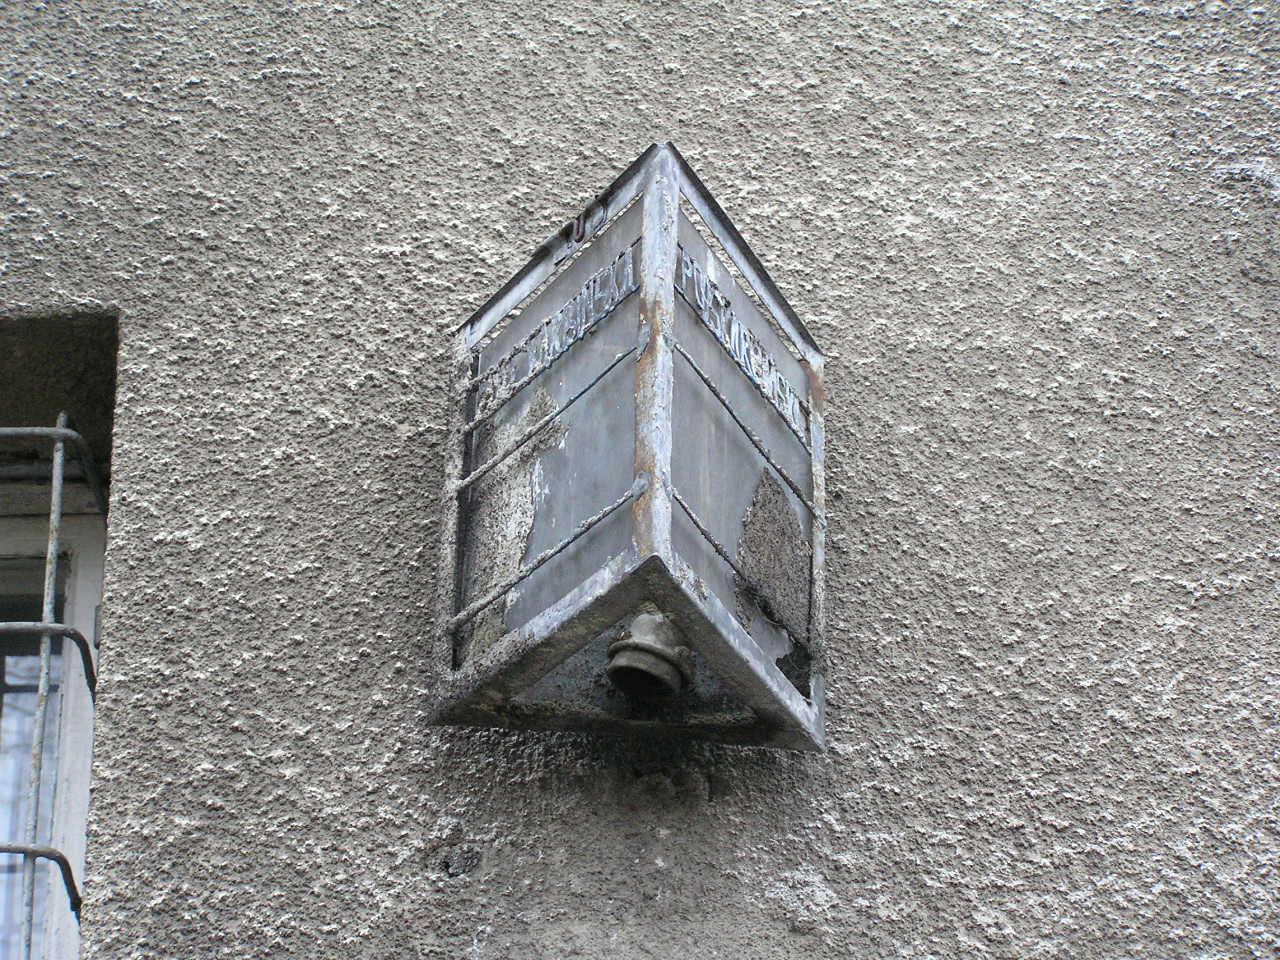 Latarenka adresowa przy ulicy Podskarbińskiej 7 na Grochowie